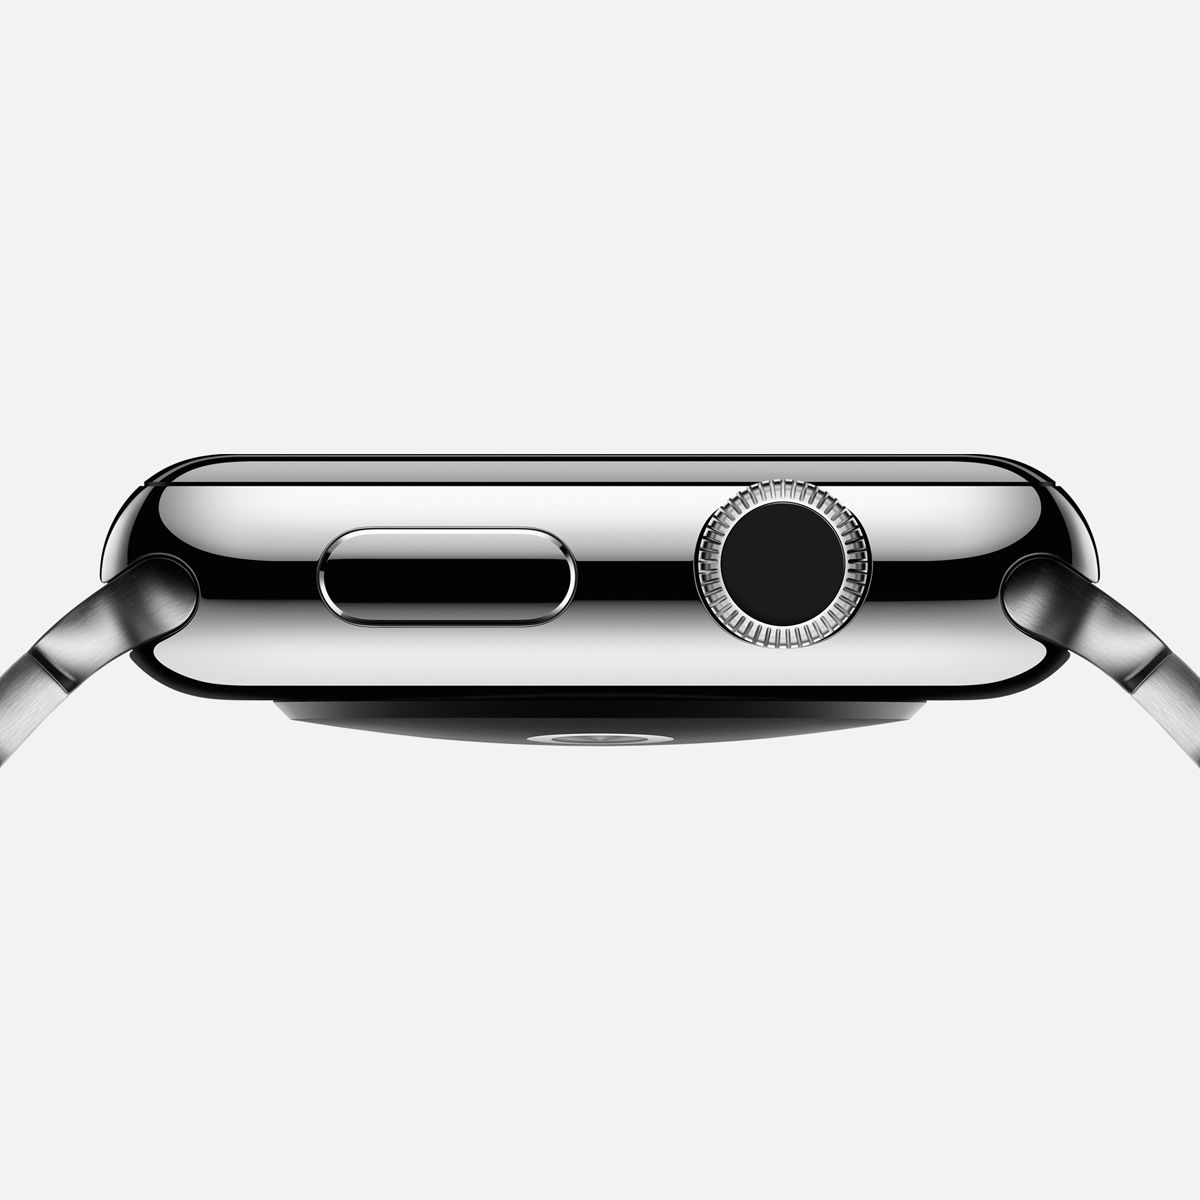 Apple - Apple Watch - Descripción